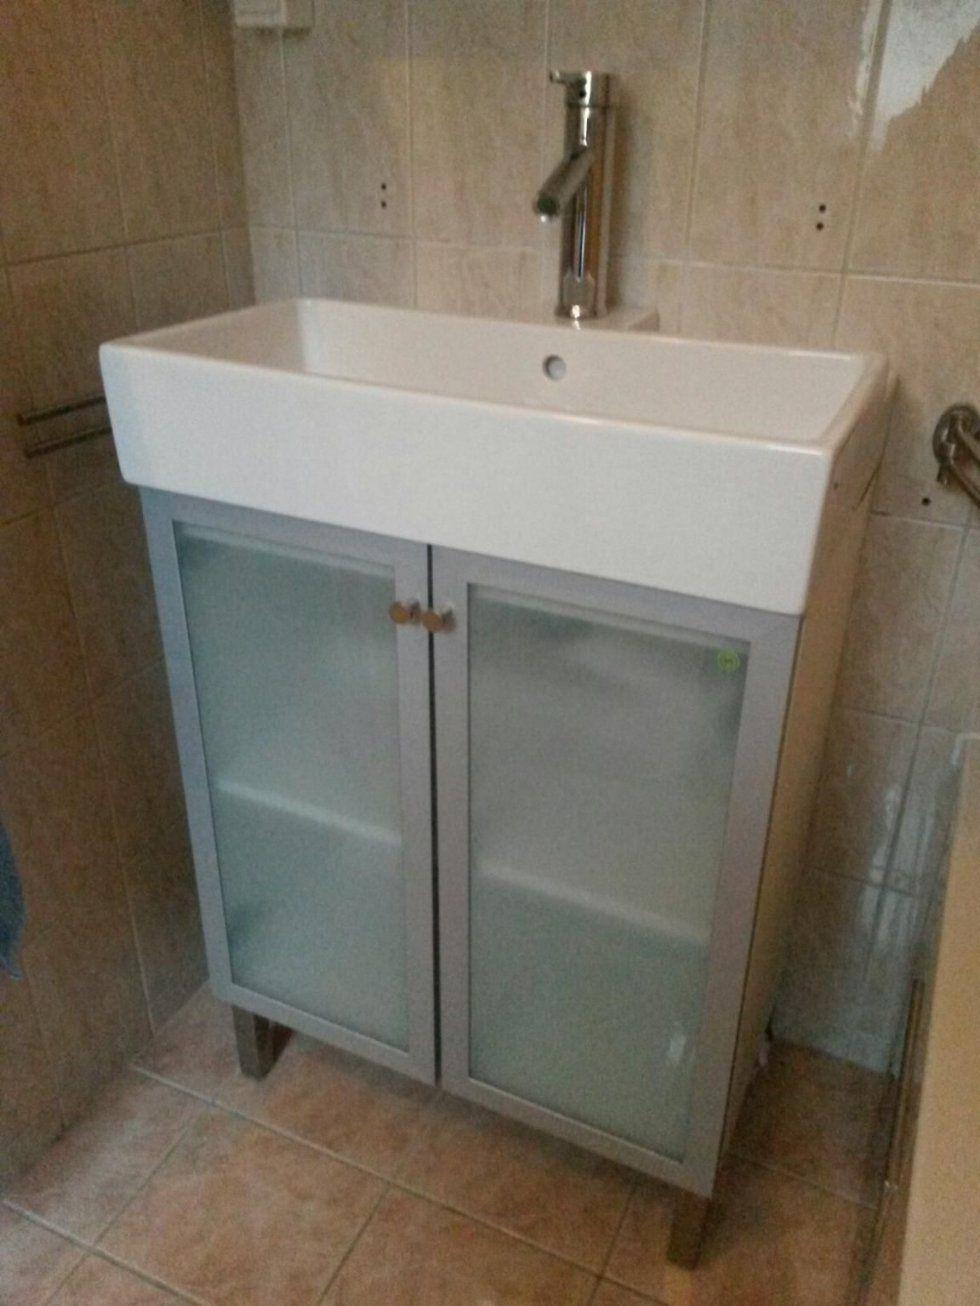 Gebraucht Ikea Waschbecken + Unterschrank In 1040 Wien Um € 5000 von Waschbecken Mit Unterschrank Ikea Bild